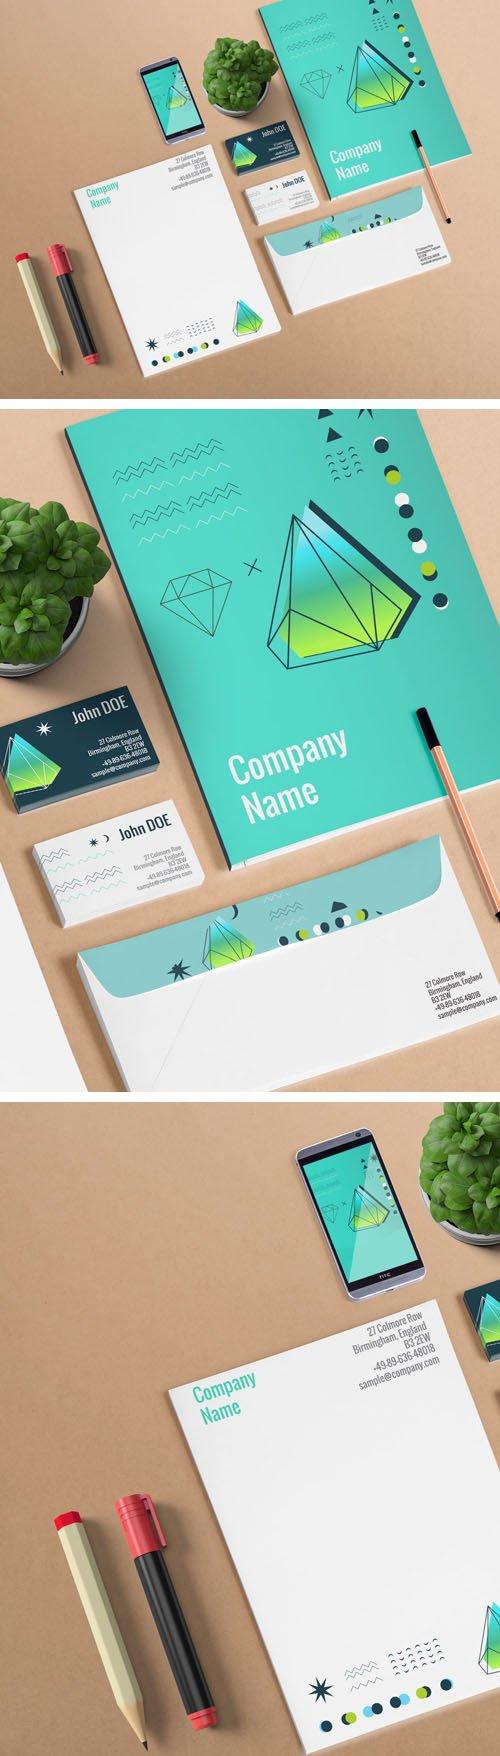 Pre Made Branding Scene PSD Mockups